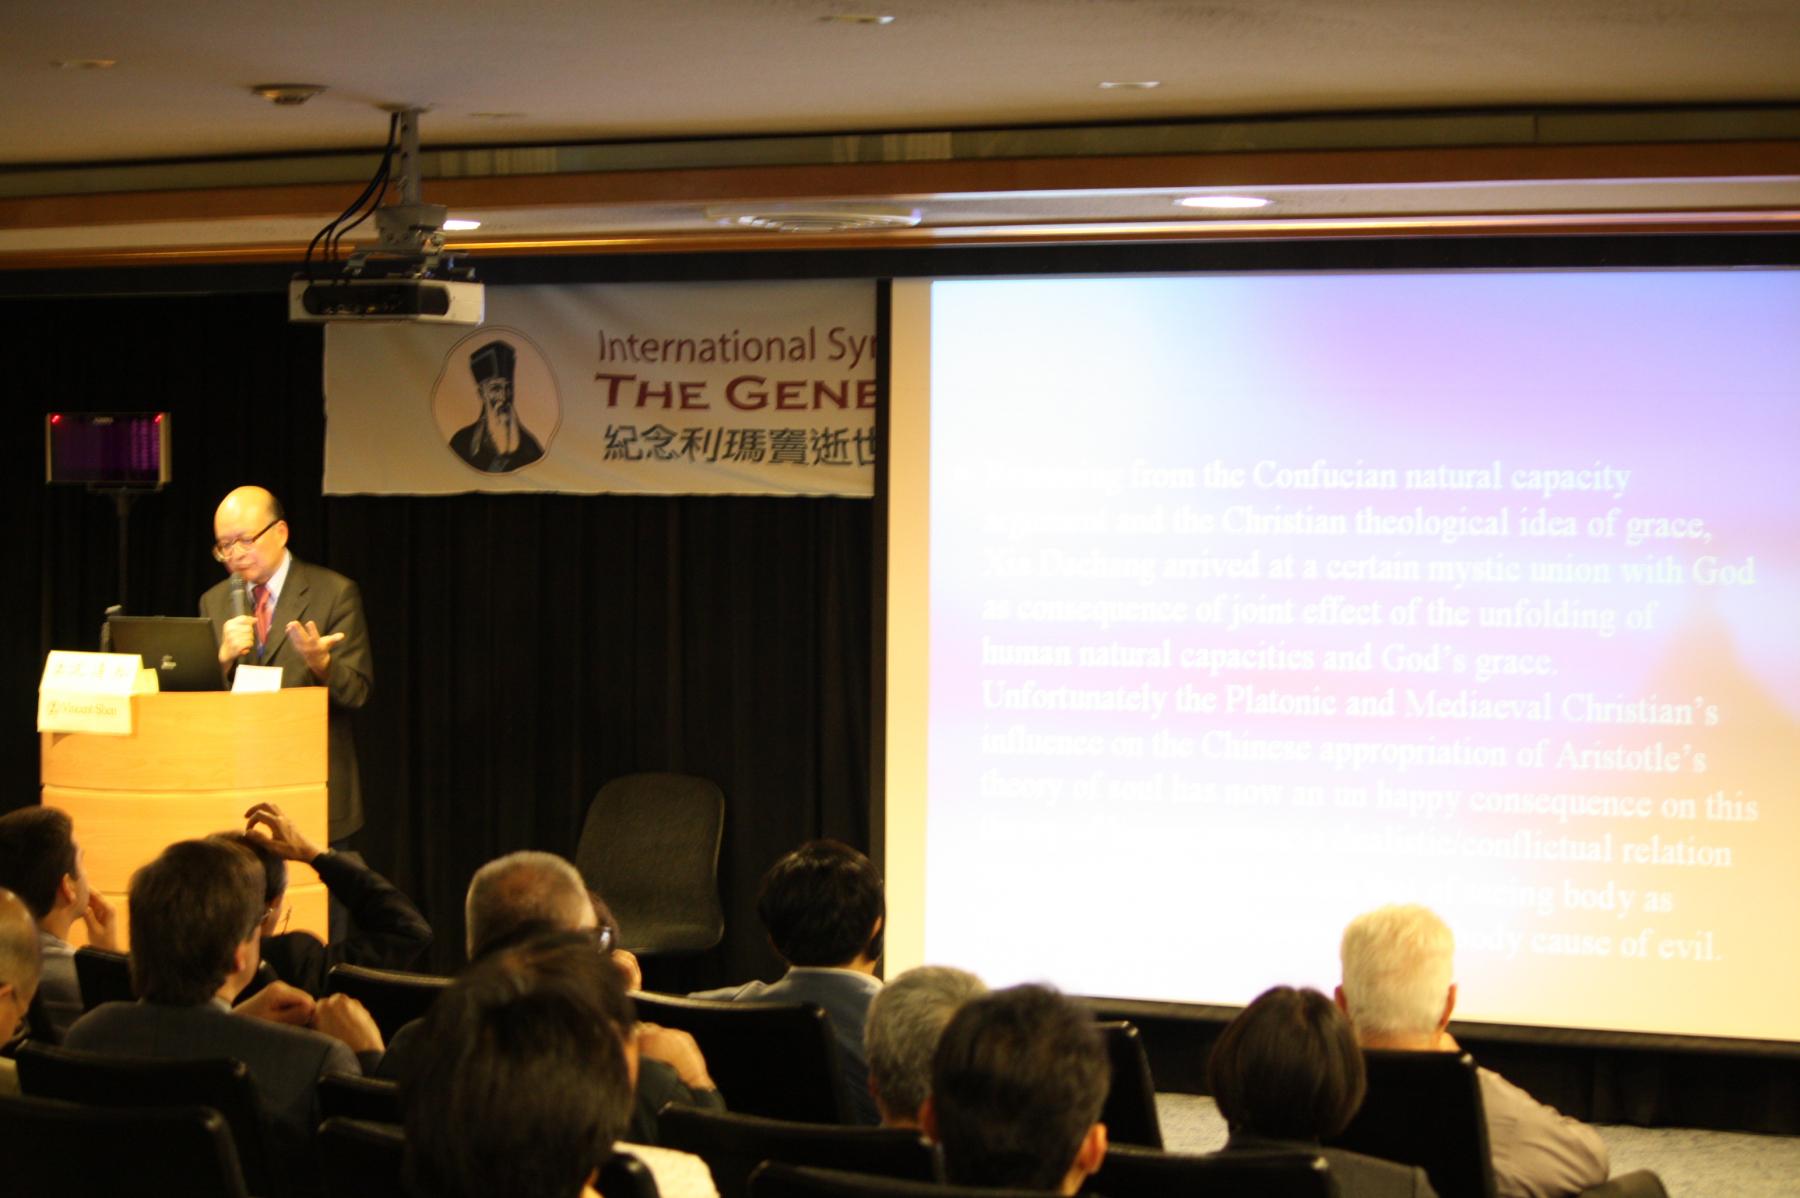 201004紀念利瑪竇逝世四百週年國際學術研討會-43